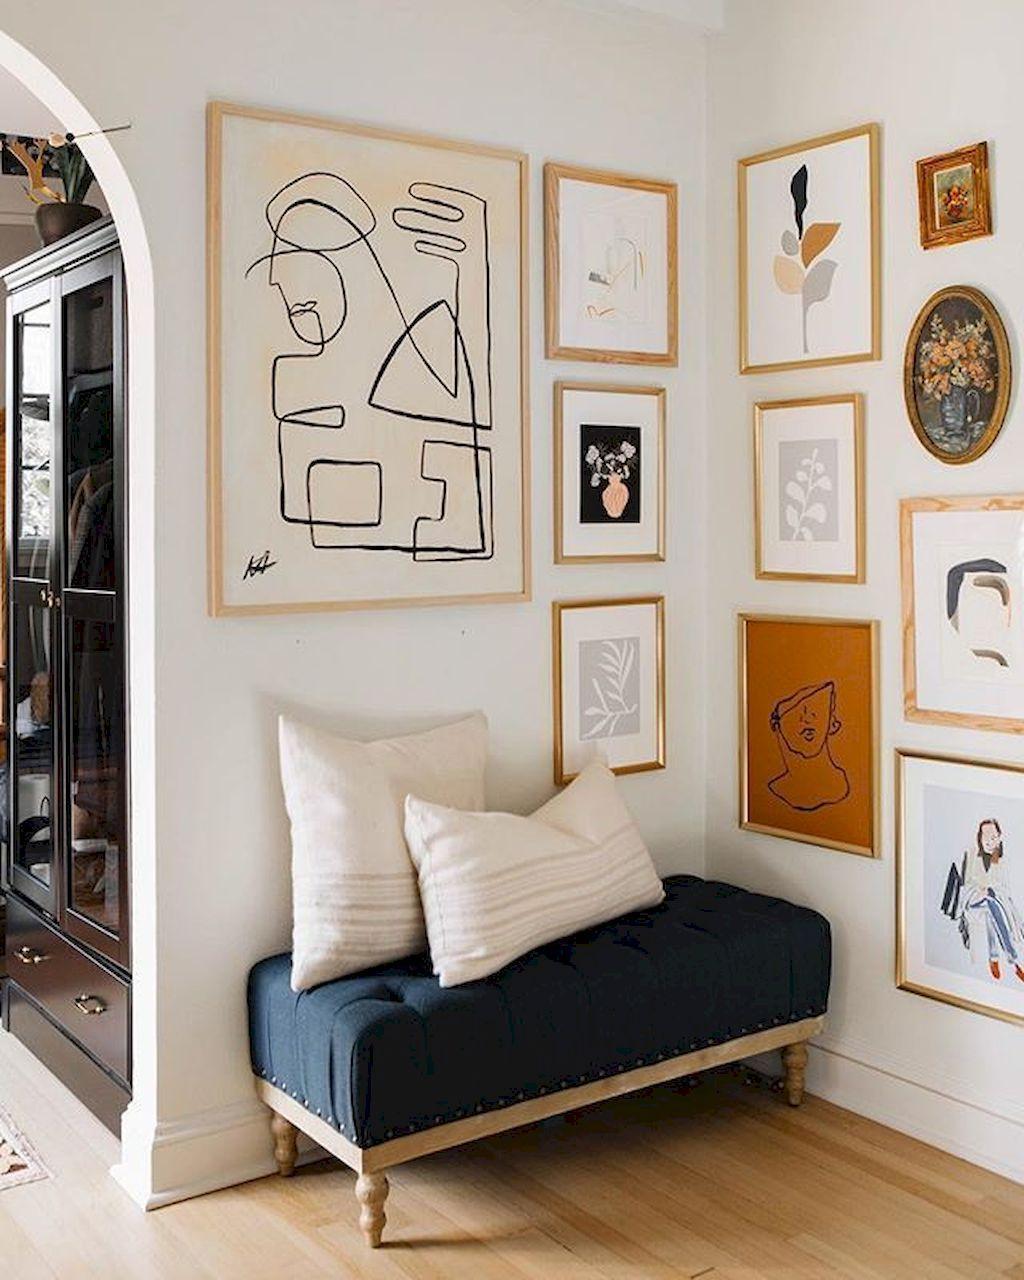 Simple Bedroom Cozy Arrangements Ideas Gallery wall